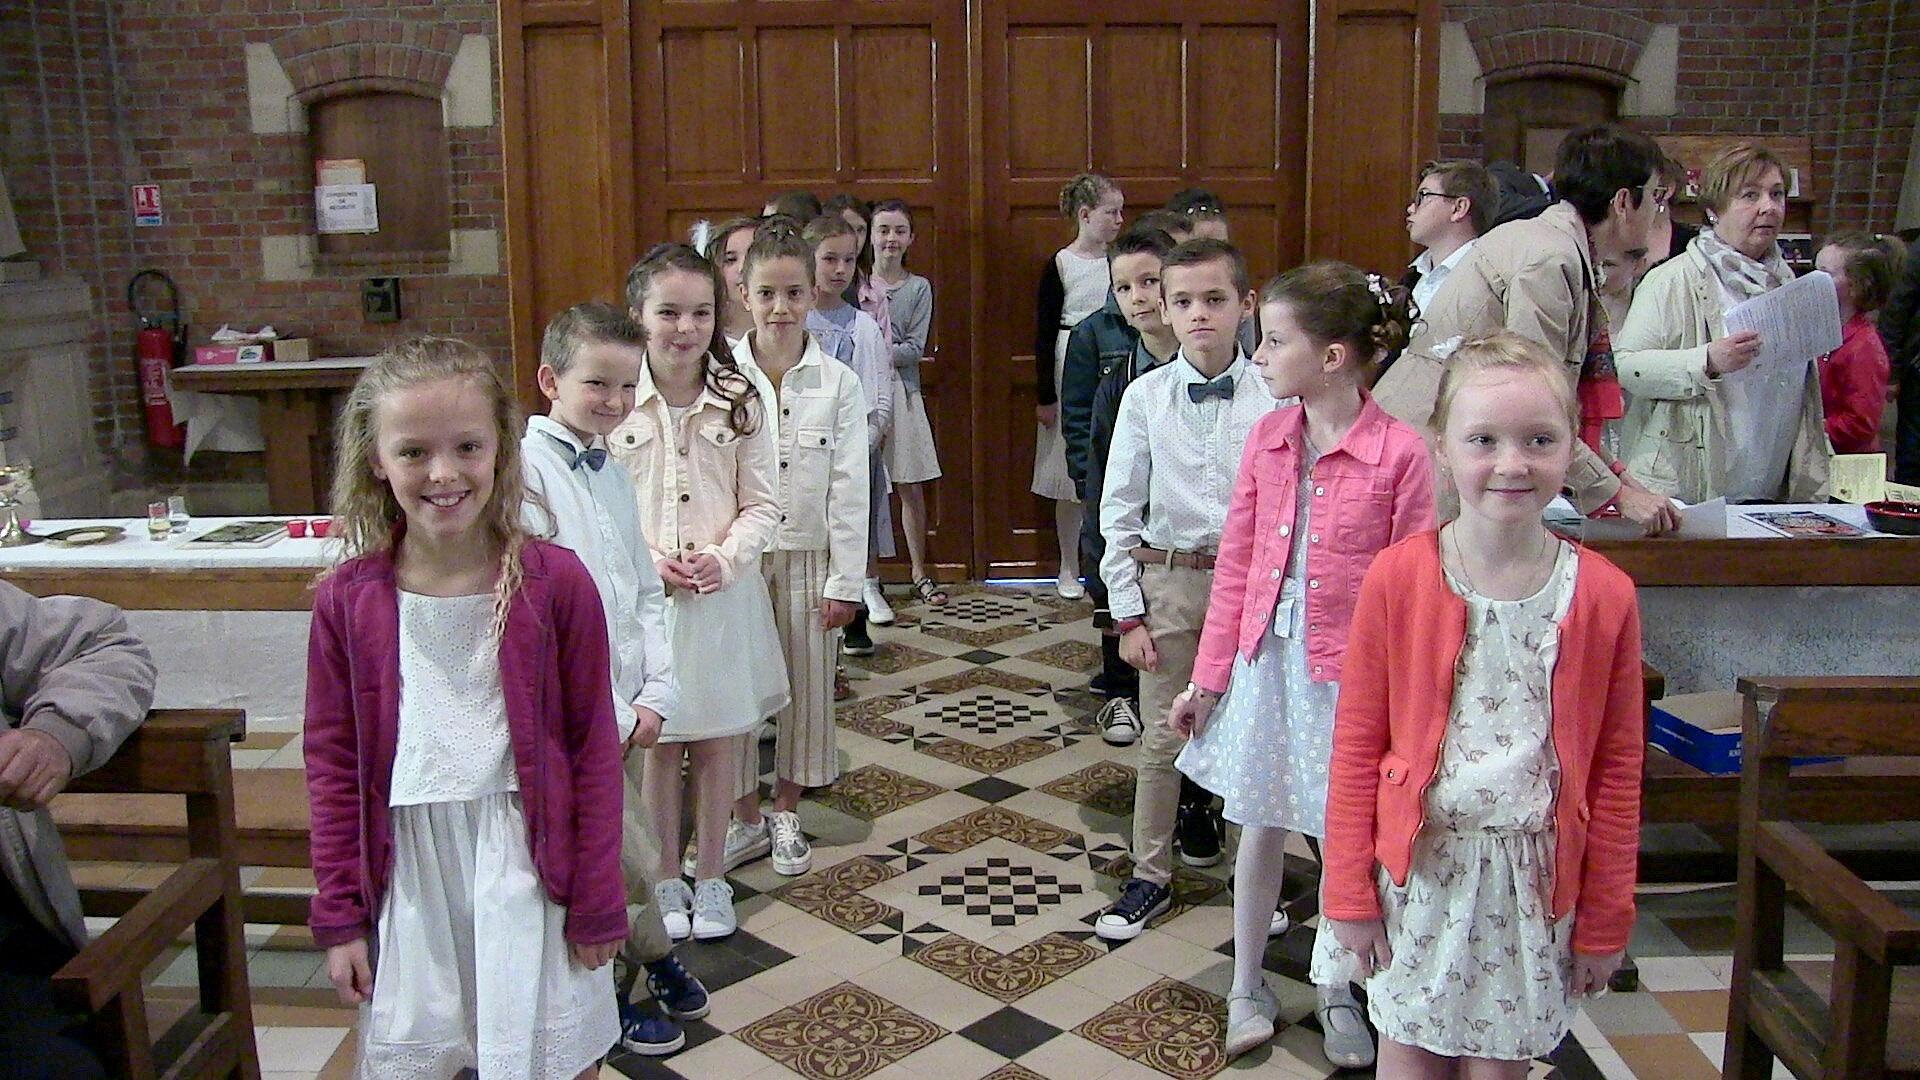 2019-05-12-entrées eucharistie (11)